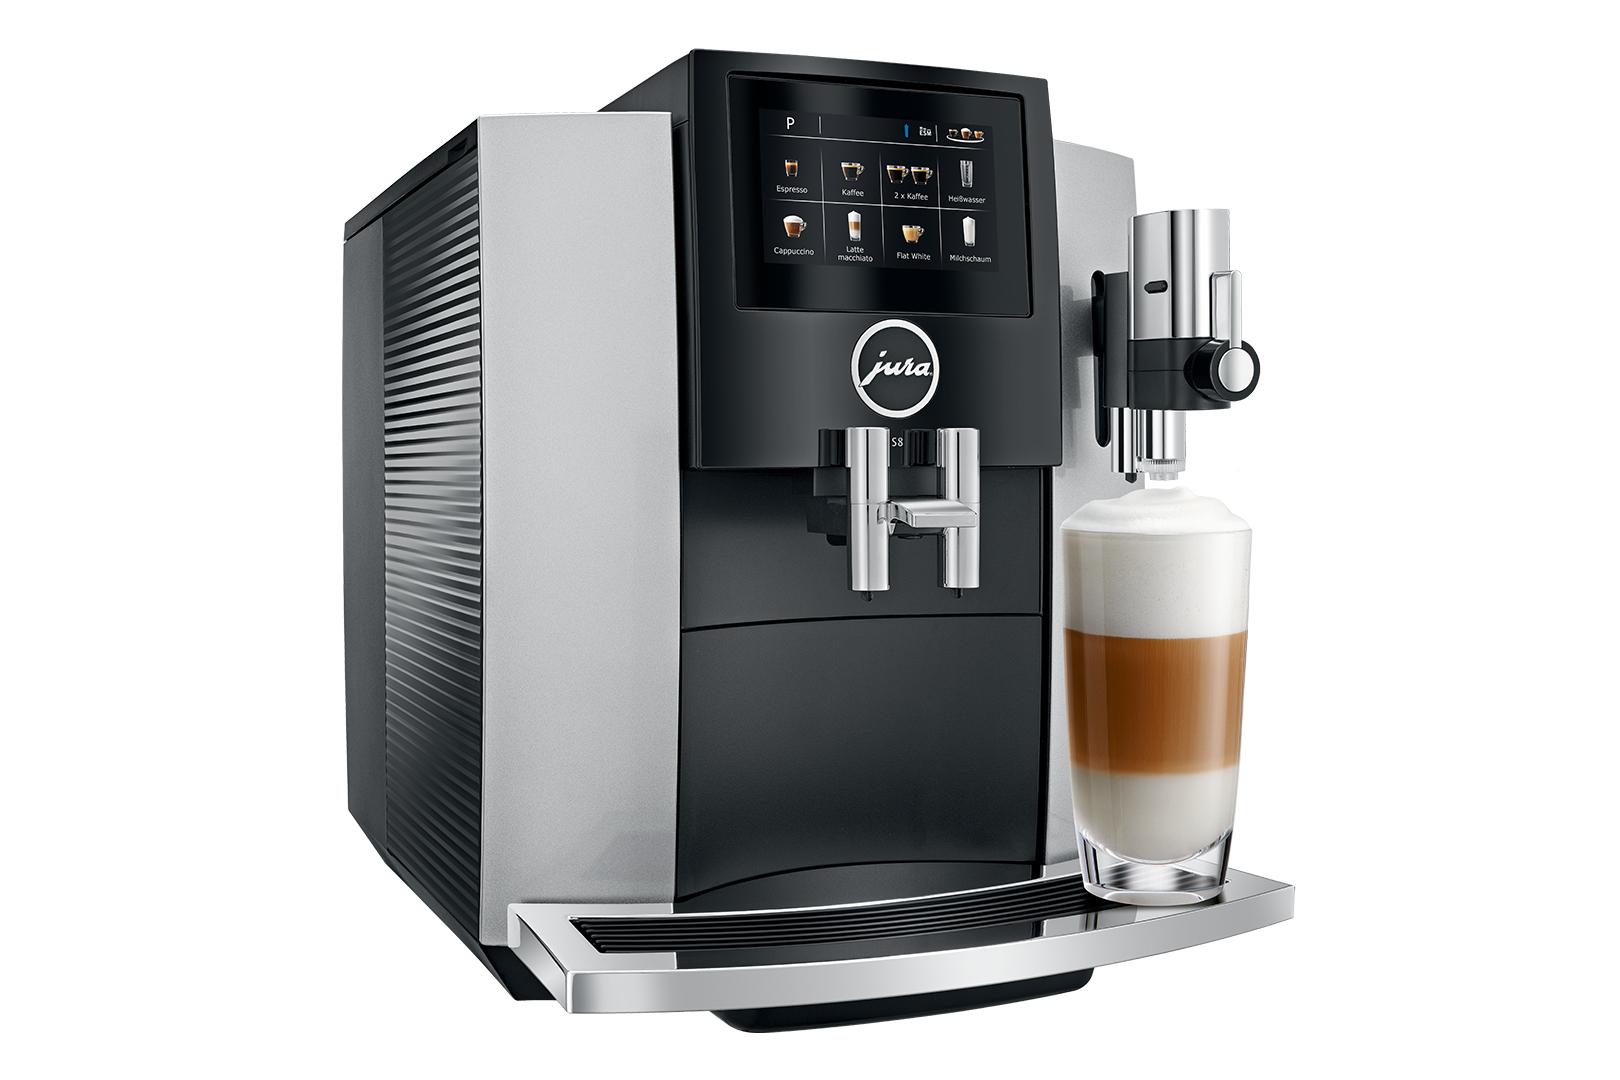 Carolina Coffee Jura S8 Moonlight Silver